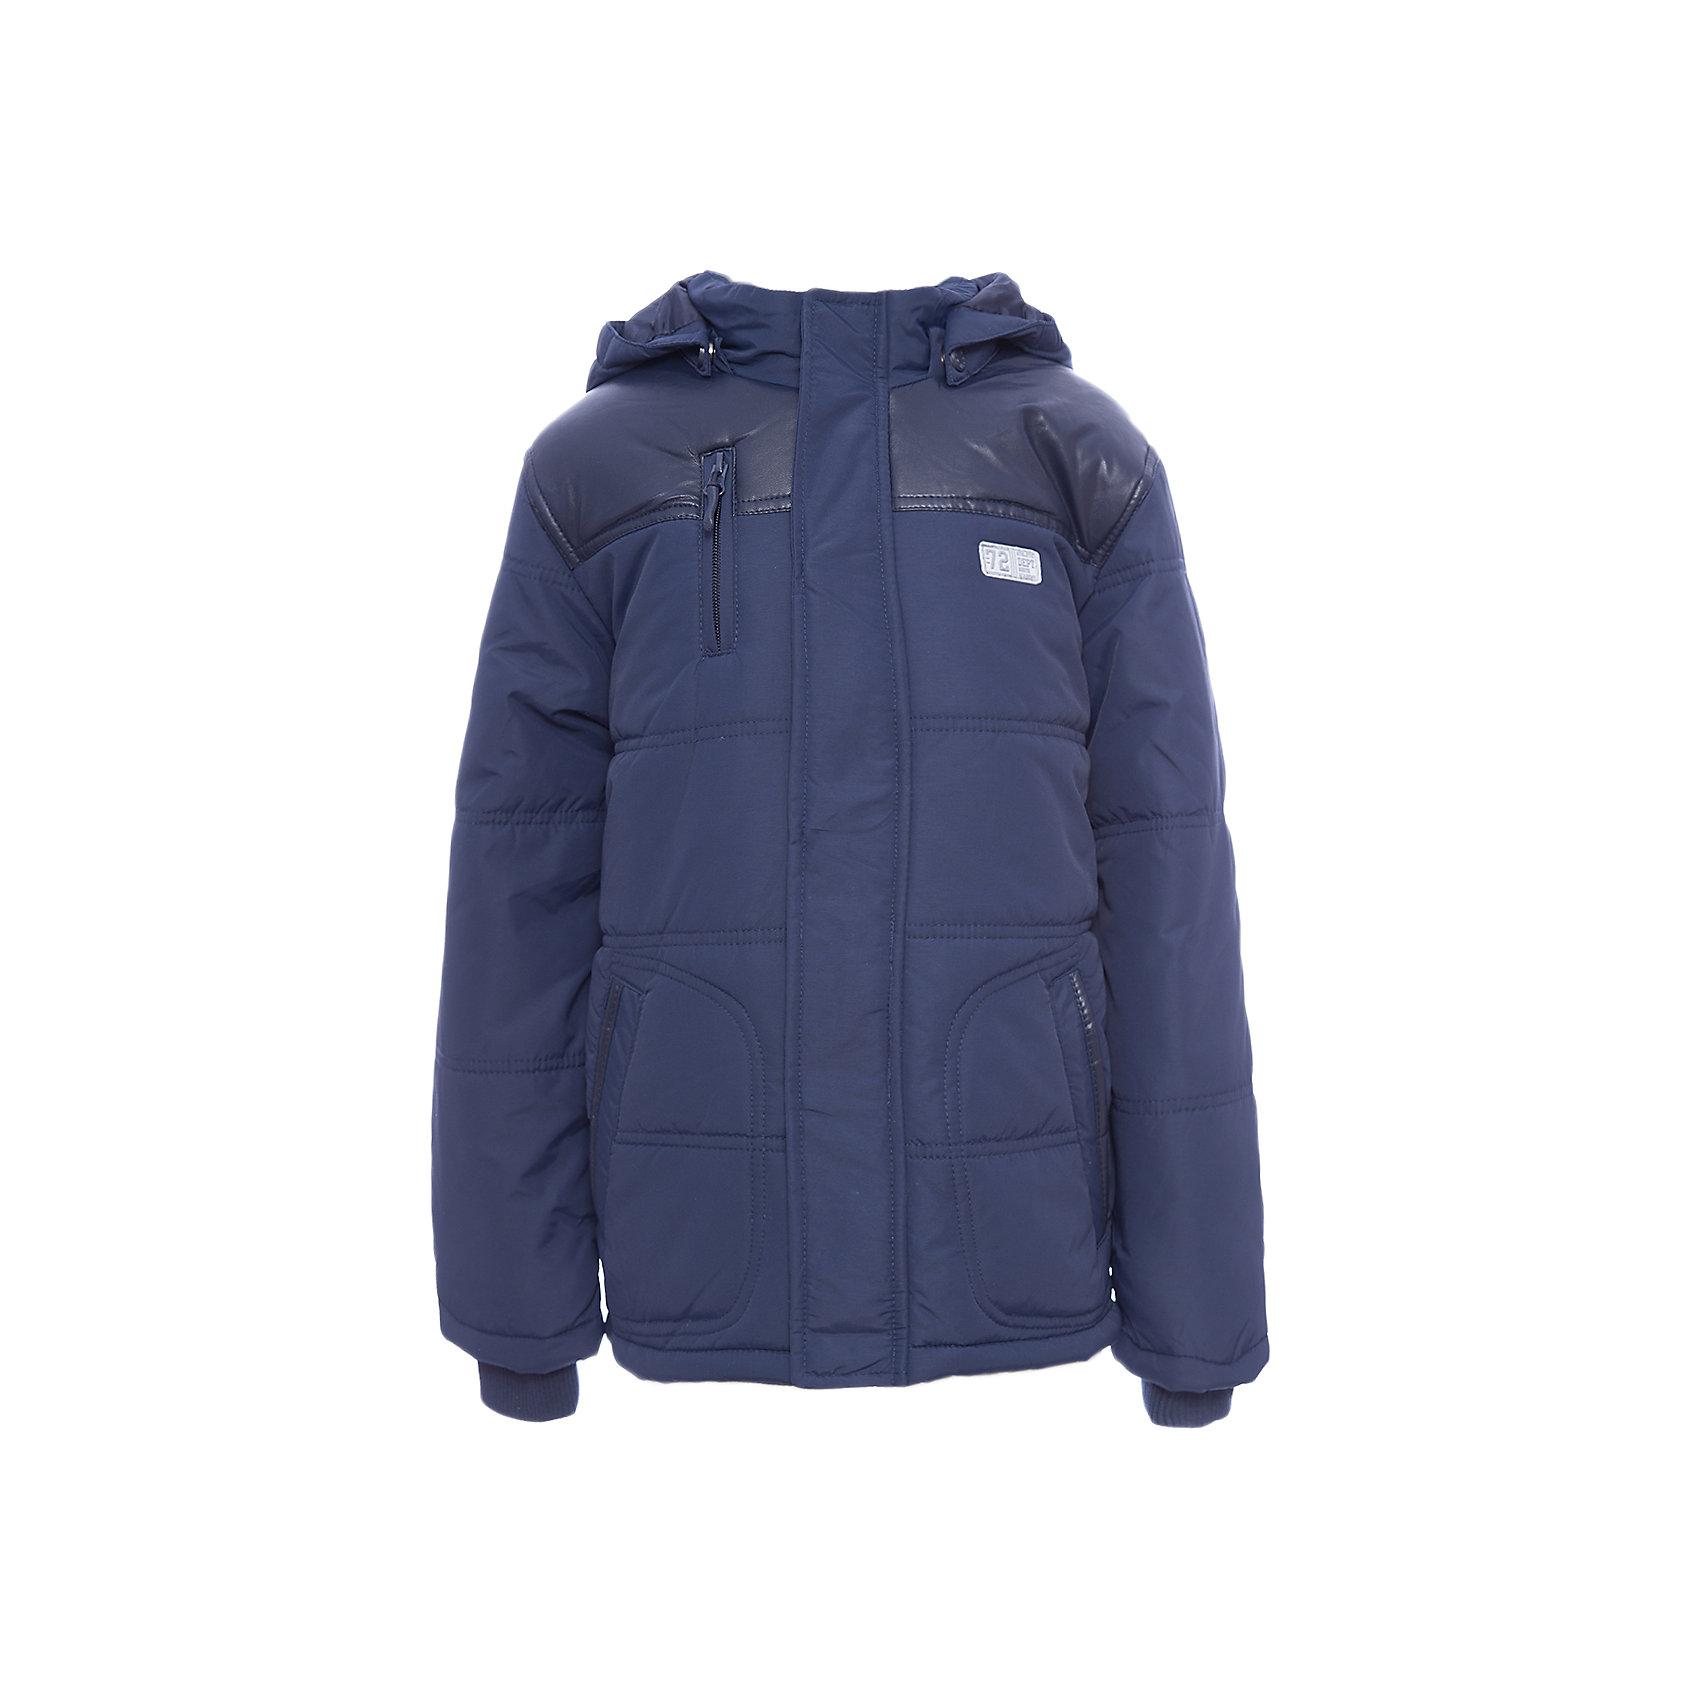 Куртка для мальчика ScoolВерхняя одежда<br>Куртка для мальчика Scool<br>Практичная утепленная стеганая куртка с капюшоном из ткани со специальной водоотталкивающей пропиткой защитит ребенка в любую погоду! Высокий воротник из мягкого трикотажа. Плечи и окантовка карманов декорированы вставкой из искусственной кожи в цвет куртки. Рукава с мягкими трикотажными манжетами для дополнительного сохранения тепла. Капюшон закреплен на удобных застежках - кнопках, дополнительно снабжен мягкими резинками  - даже в активной игре капюшон не упадет с головы ребенка.Преимущества: Ткань с водоотталкивающей пропиткойСветоотражающие элементы на рукаве и по низу изделияВысокий воротник и манжеты из мягкой трикотажной ткани<br>Состав:<br>Верх: 100% нейлон, подкладка: 100% полиэстер, наполнитель: 100% полиэстер, 250 г/м2<br><br>Ширина мм: 356<br>Глубина мм: 10<br>Высота мм: 245<br>Вес г: 519<br>Цвет: полуночно-синий<br>Возраст от месяцев: 156<br>Возраст до месяцев: 168<br>Пол: Мужской<br>Возраст: Детский<br>Размер: 164,128,134,140,146,152,158<br>SKU: 6754348